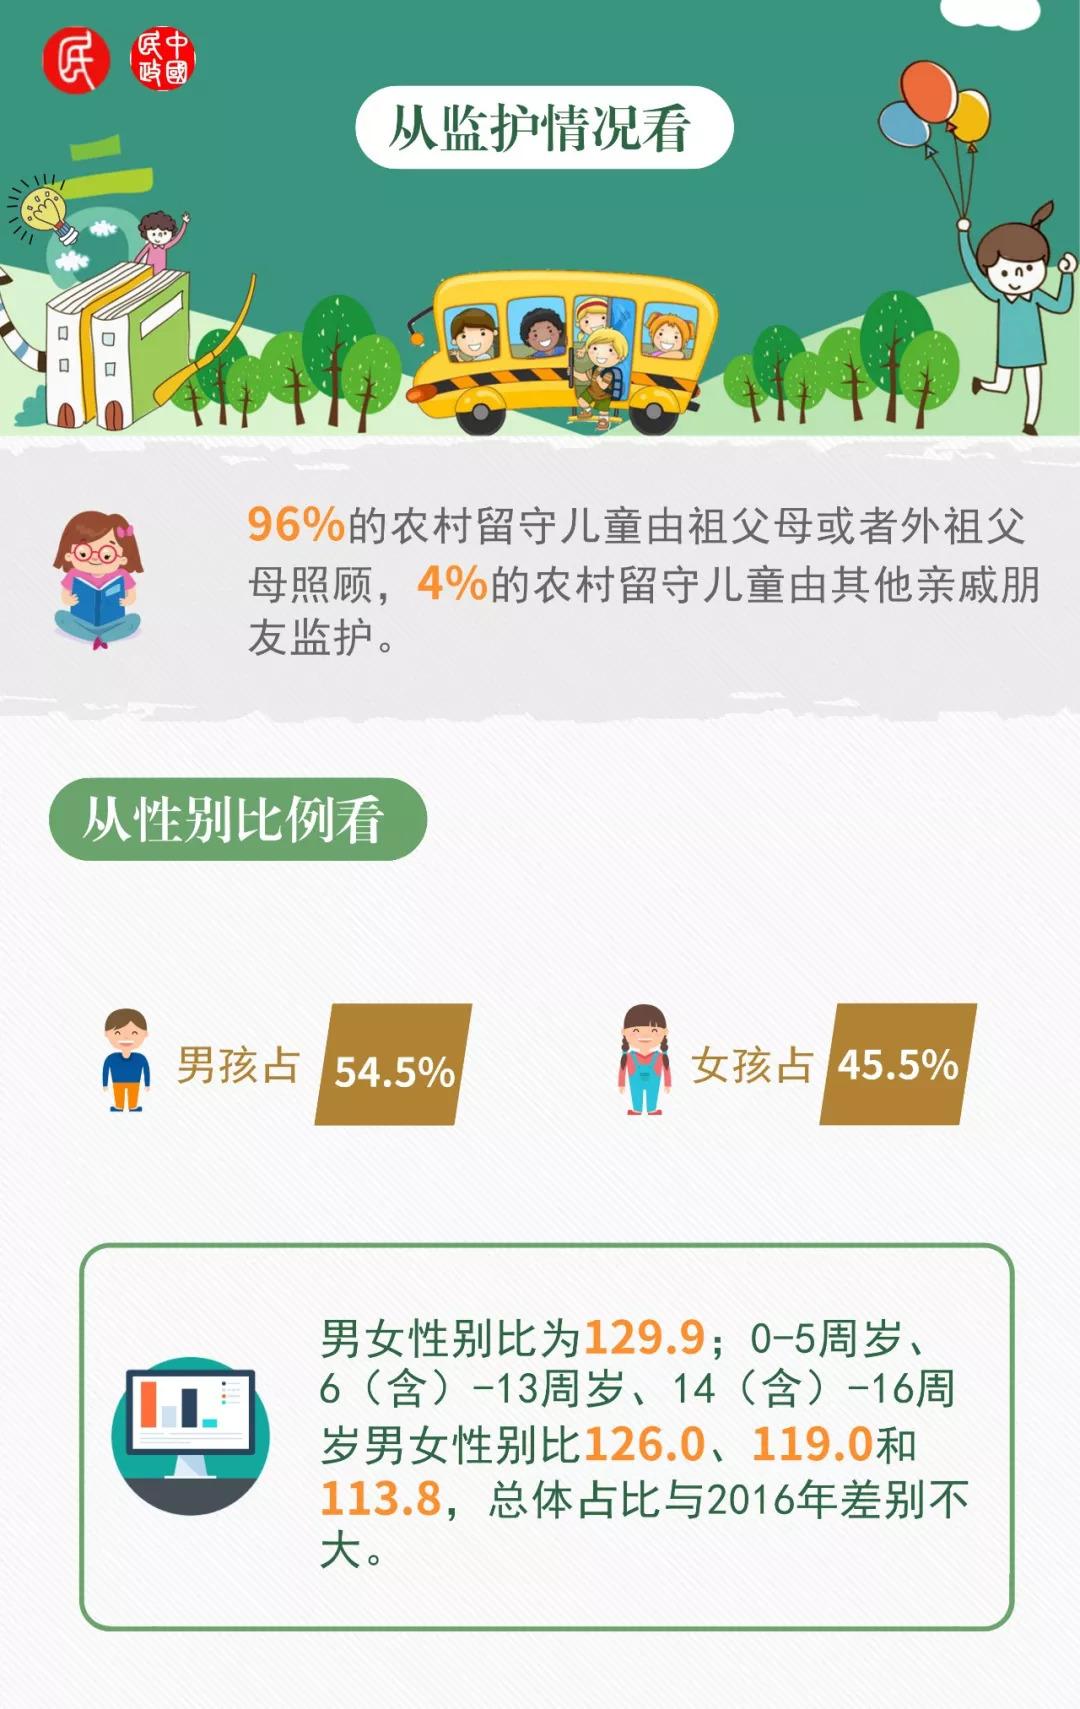 图说农村留守儿童:全国现有697万 总体数量减少